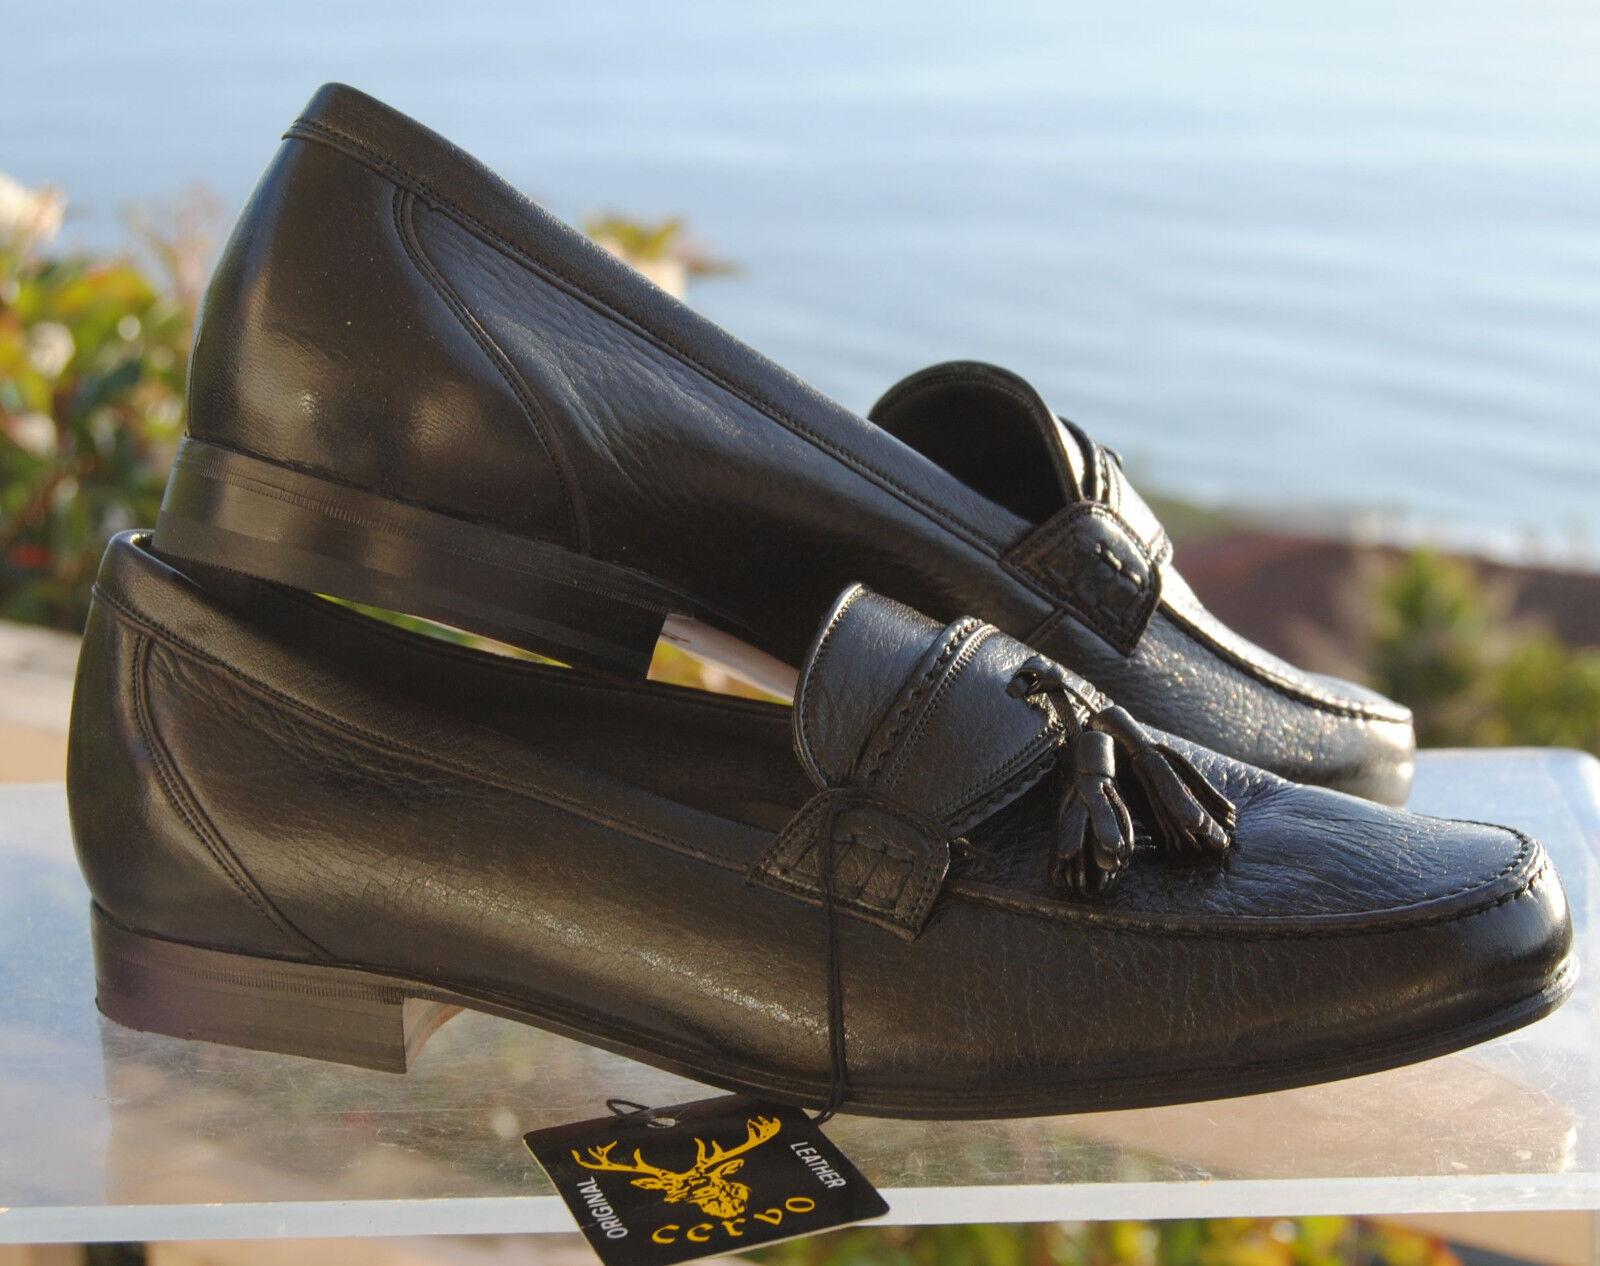 il più economico SDI SDI SDI Uomo ITALIAN nero Tassled Deer Skin  Penny Loafer -Dimensiones  5.5, 7, 7.5 & 8  migliori prezzi e stili più freschi